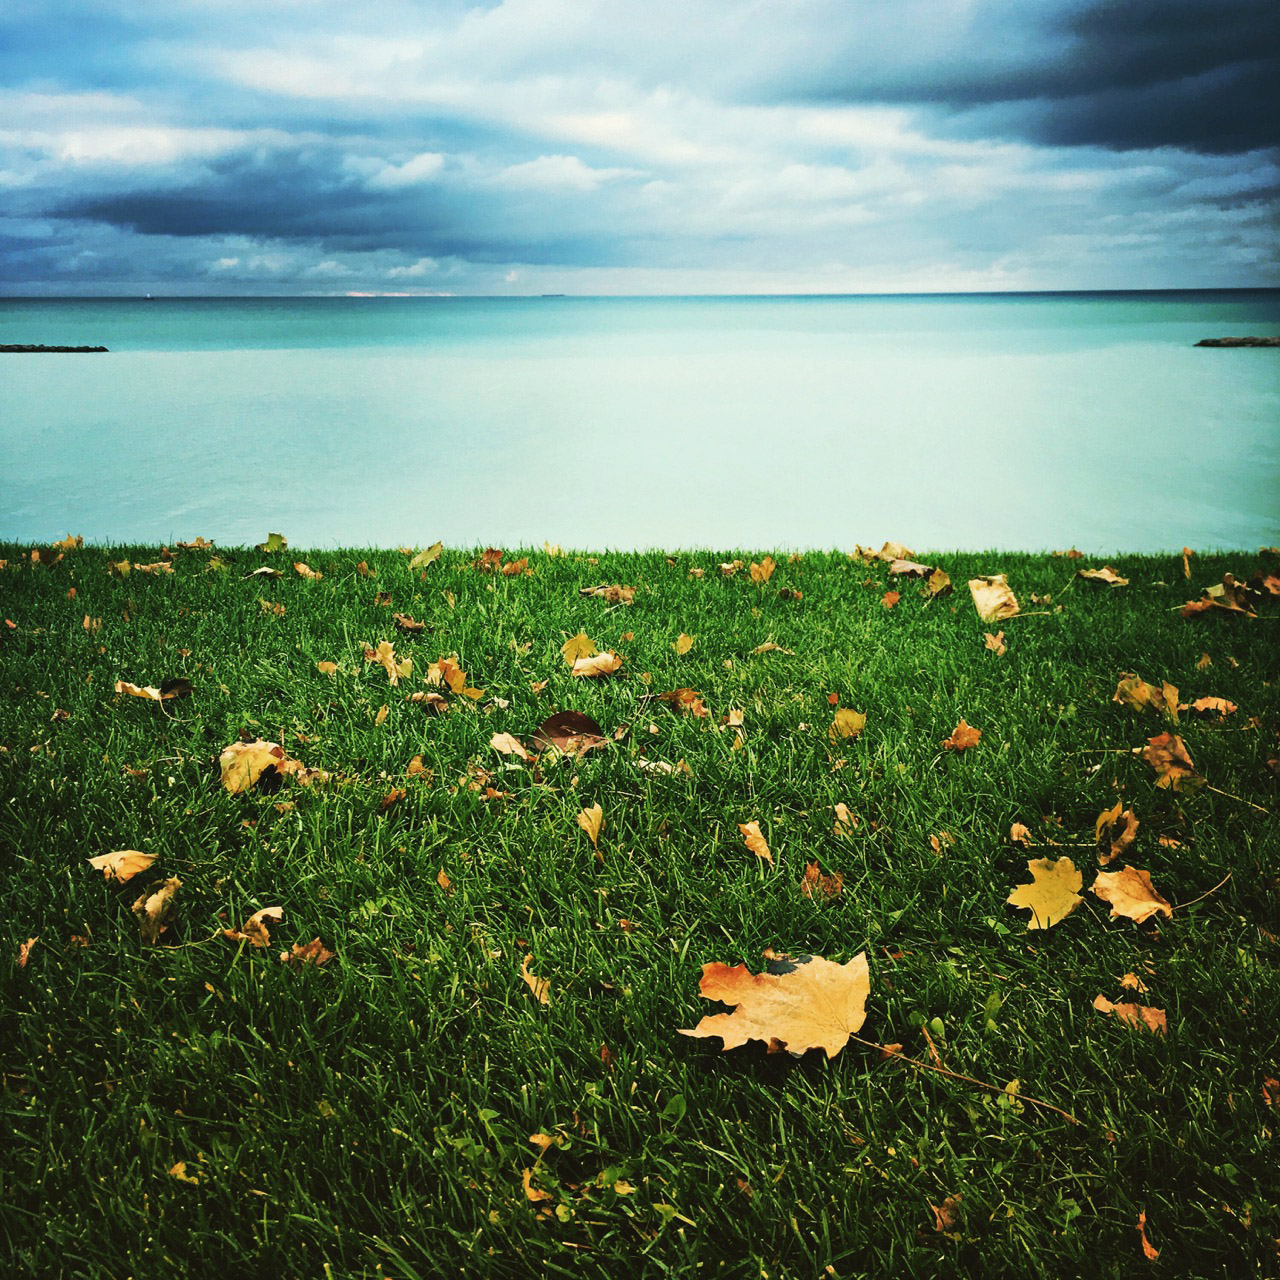 stormy-lake-michigan-photo